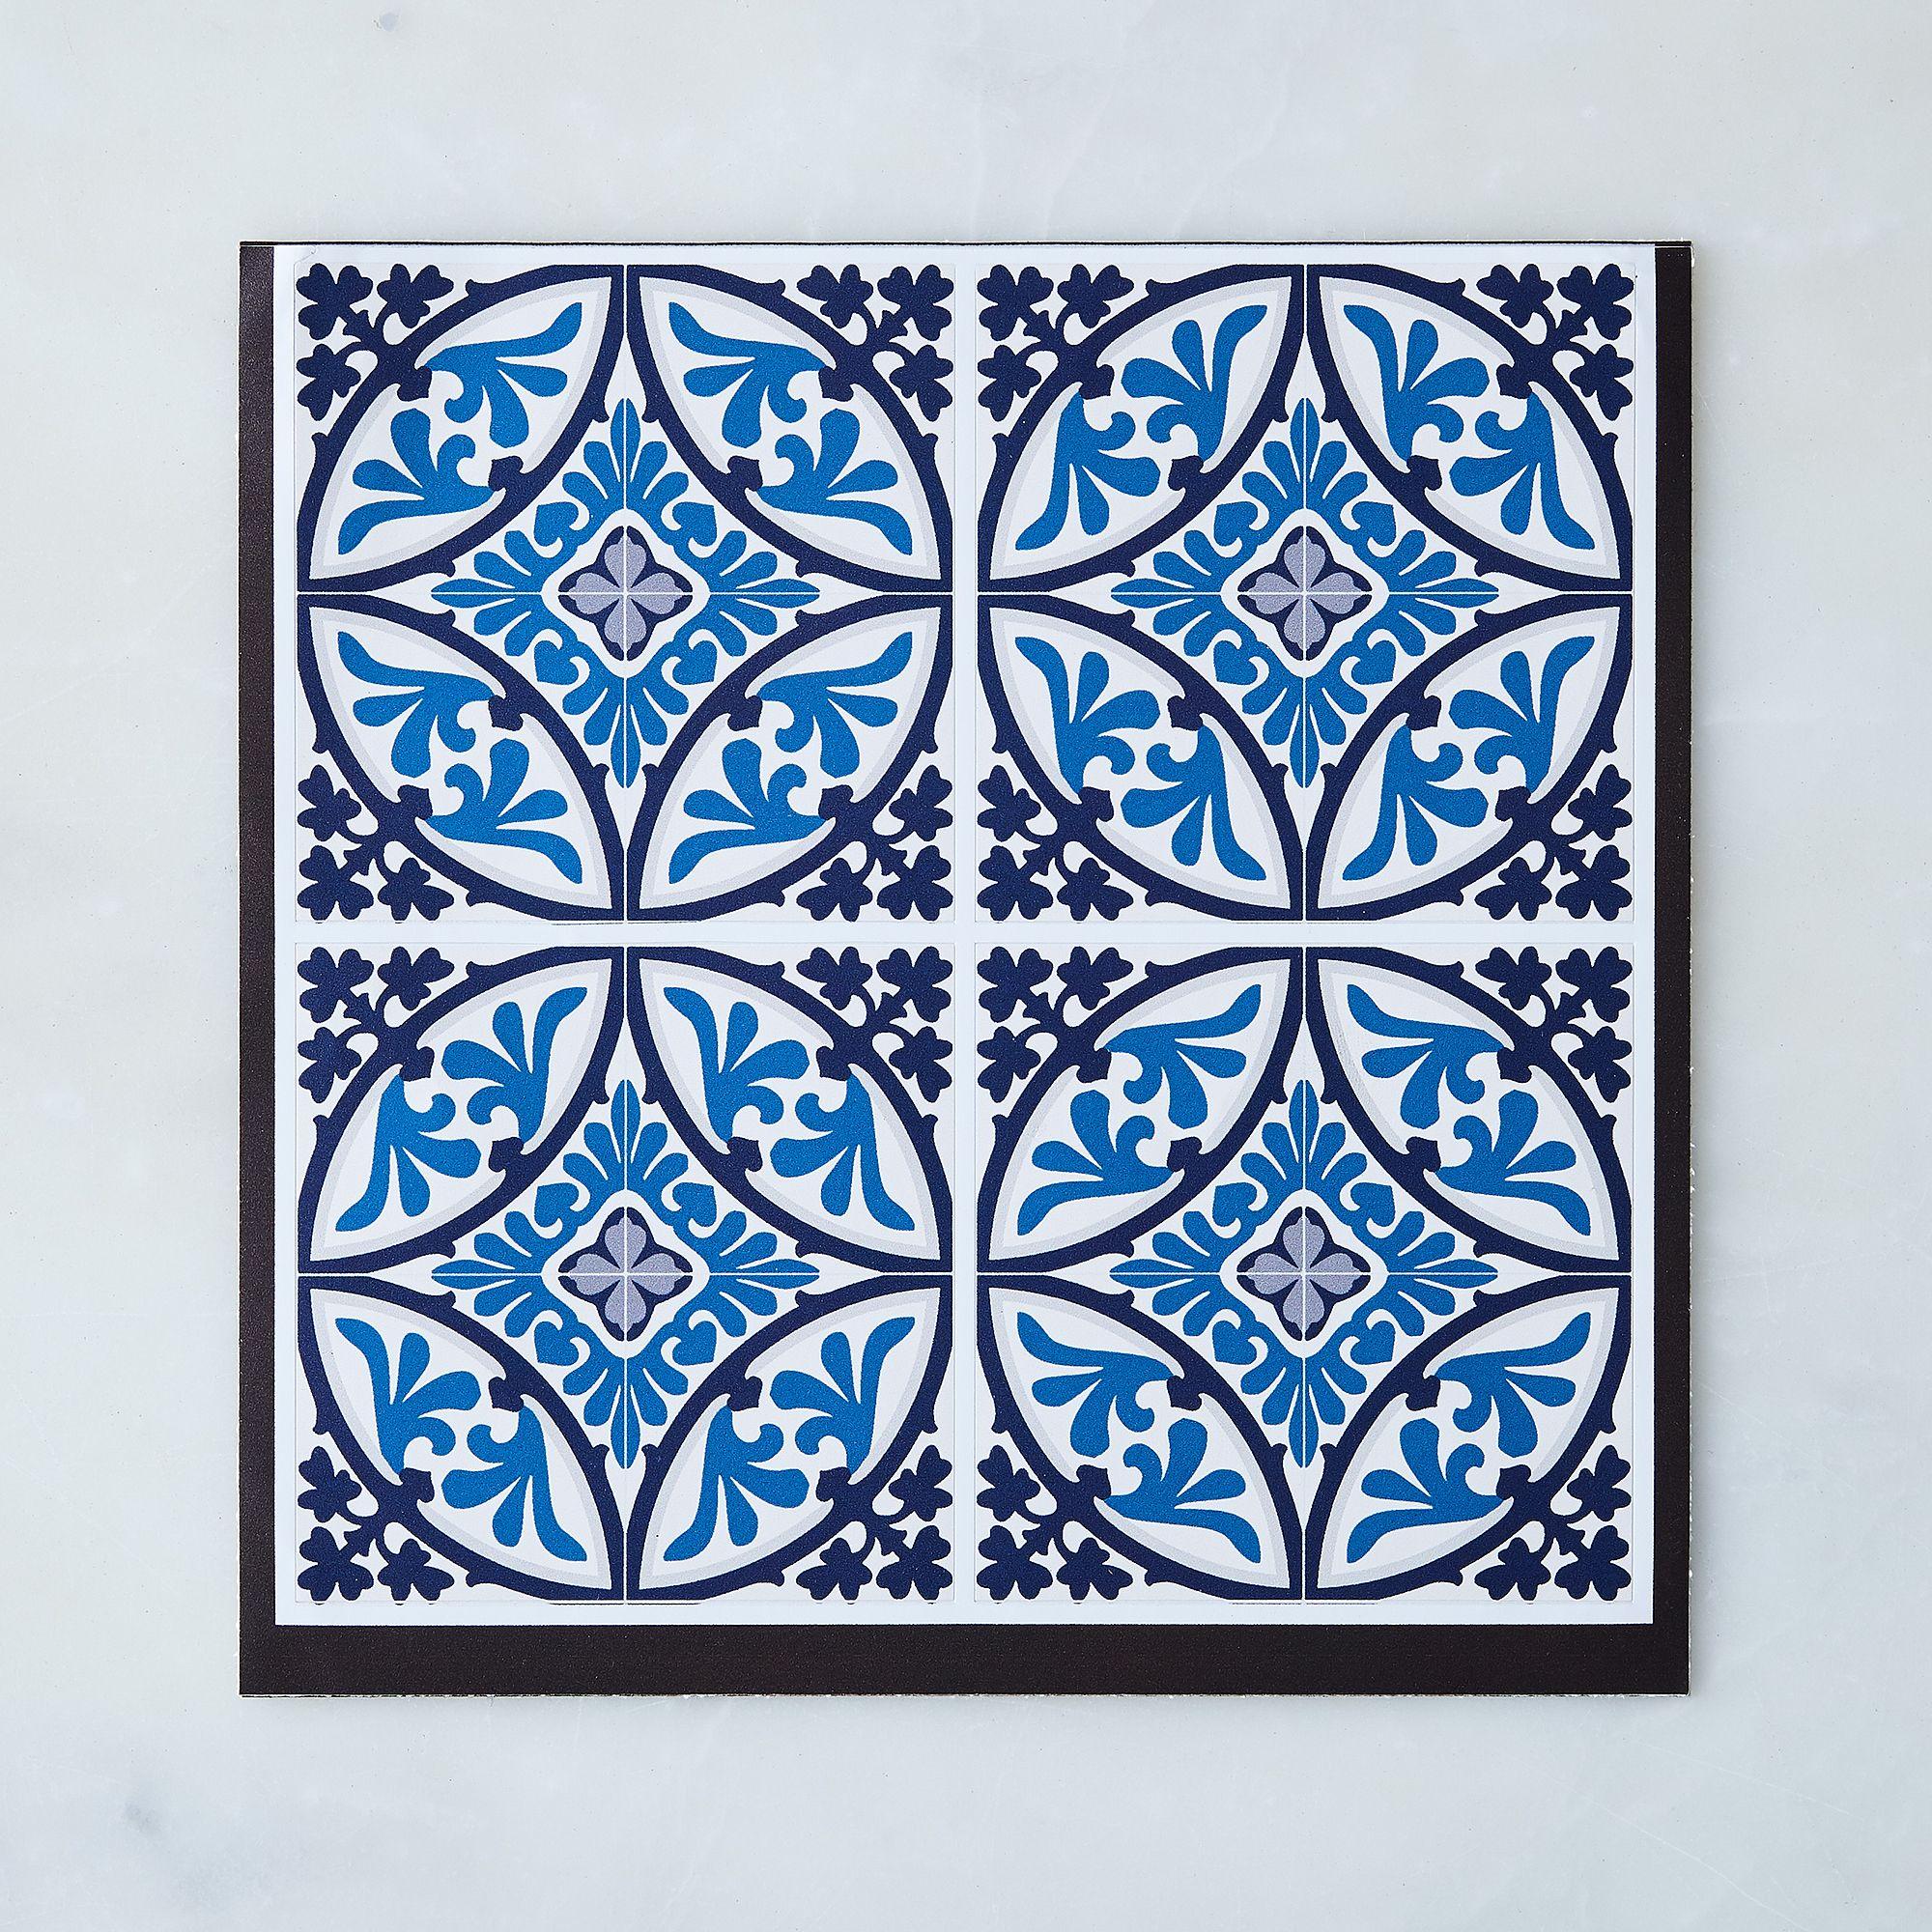 Self-Adhesive Mosaic Tile Backsplash (48 Tiles) on Food52